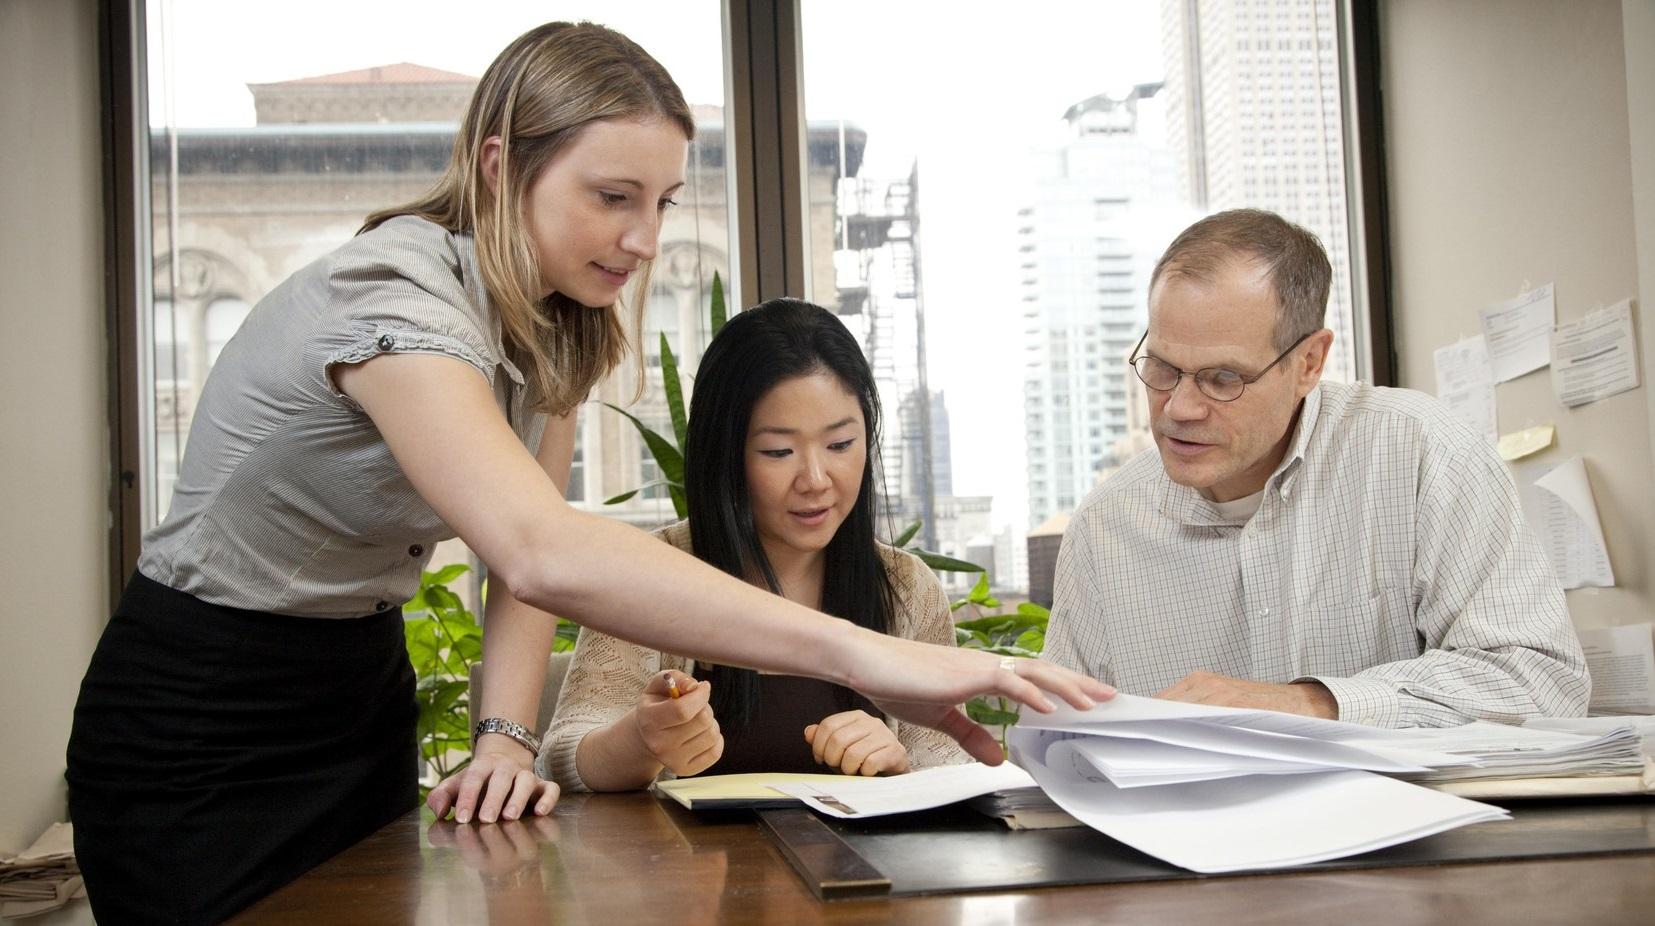 Stellenanzeige Junior Fachkraft Mwd Für Rechnungswesen Und